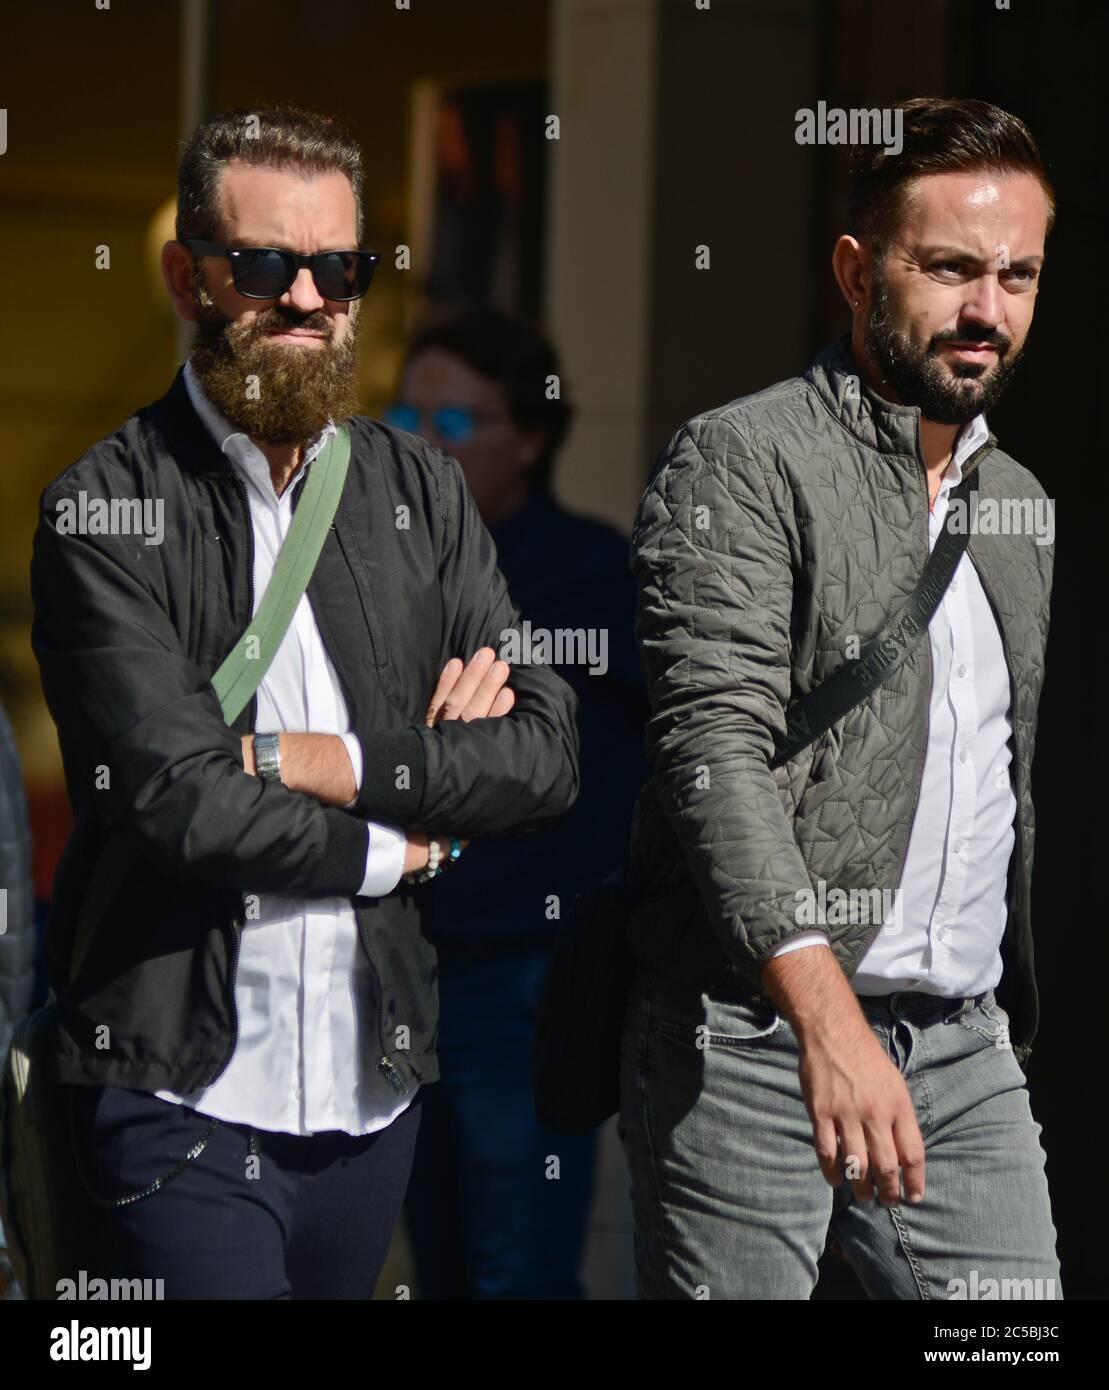 Männer italienische Italienische Herren